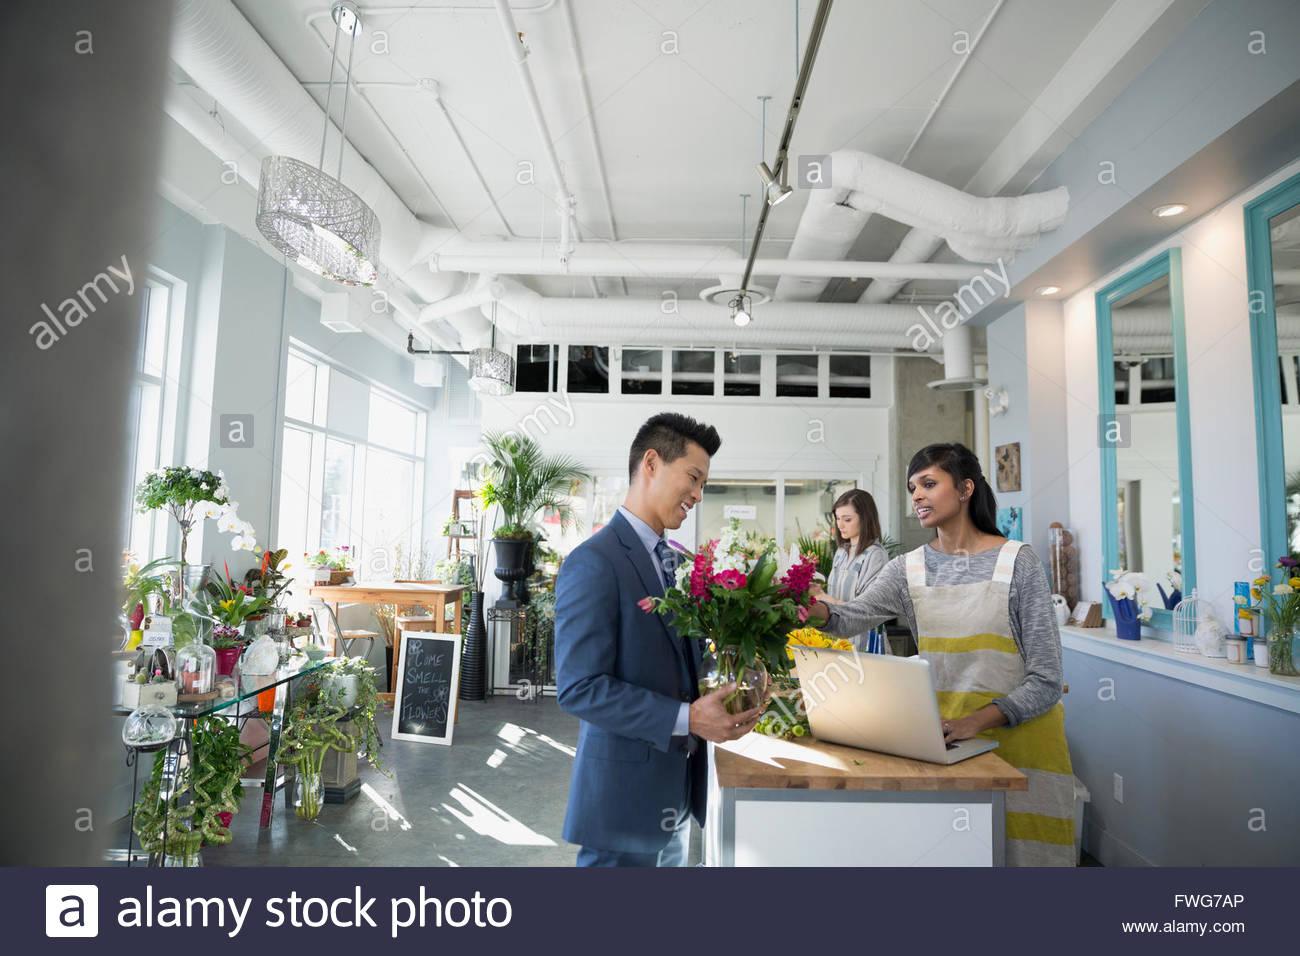 Cliente che acquista bouquet nel negozio di fiori Immagini Stock